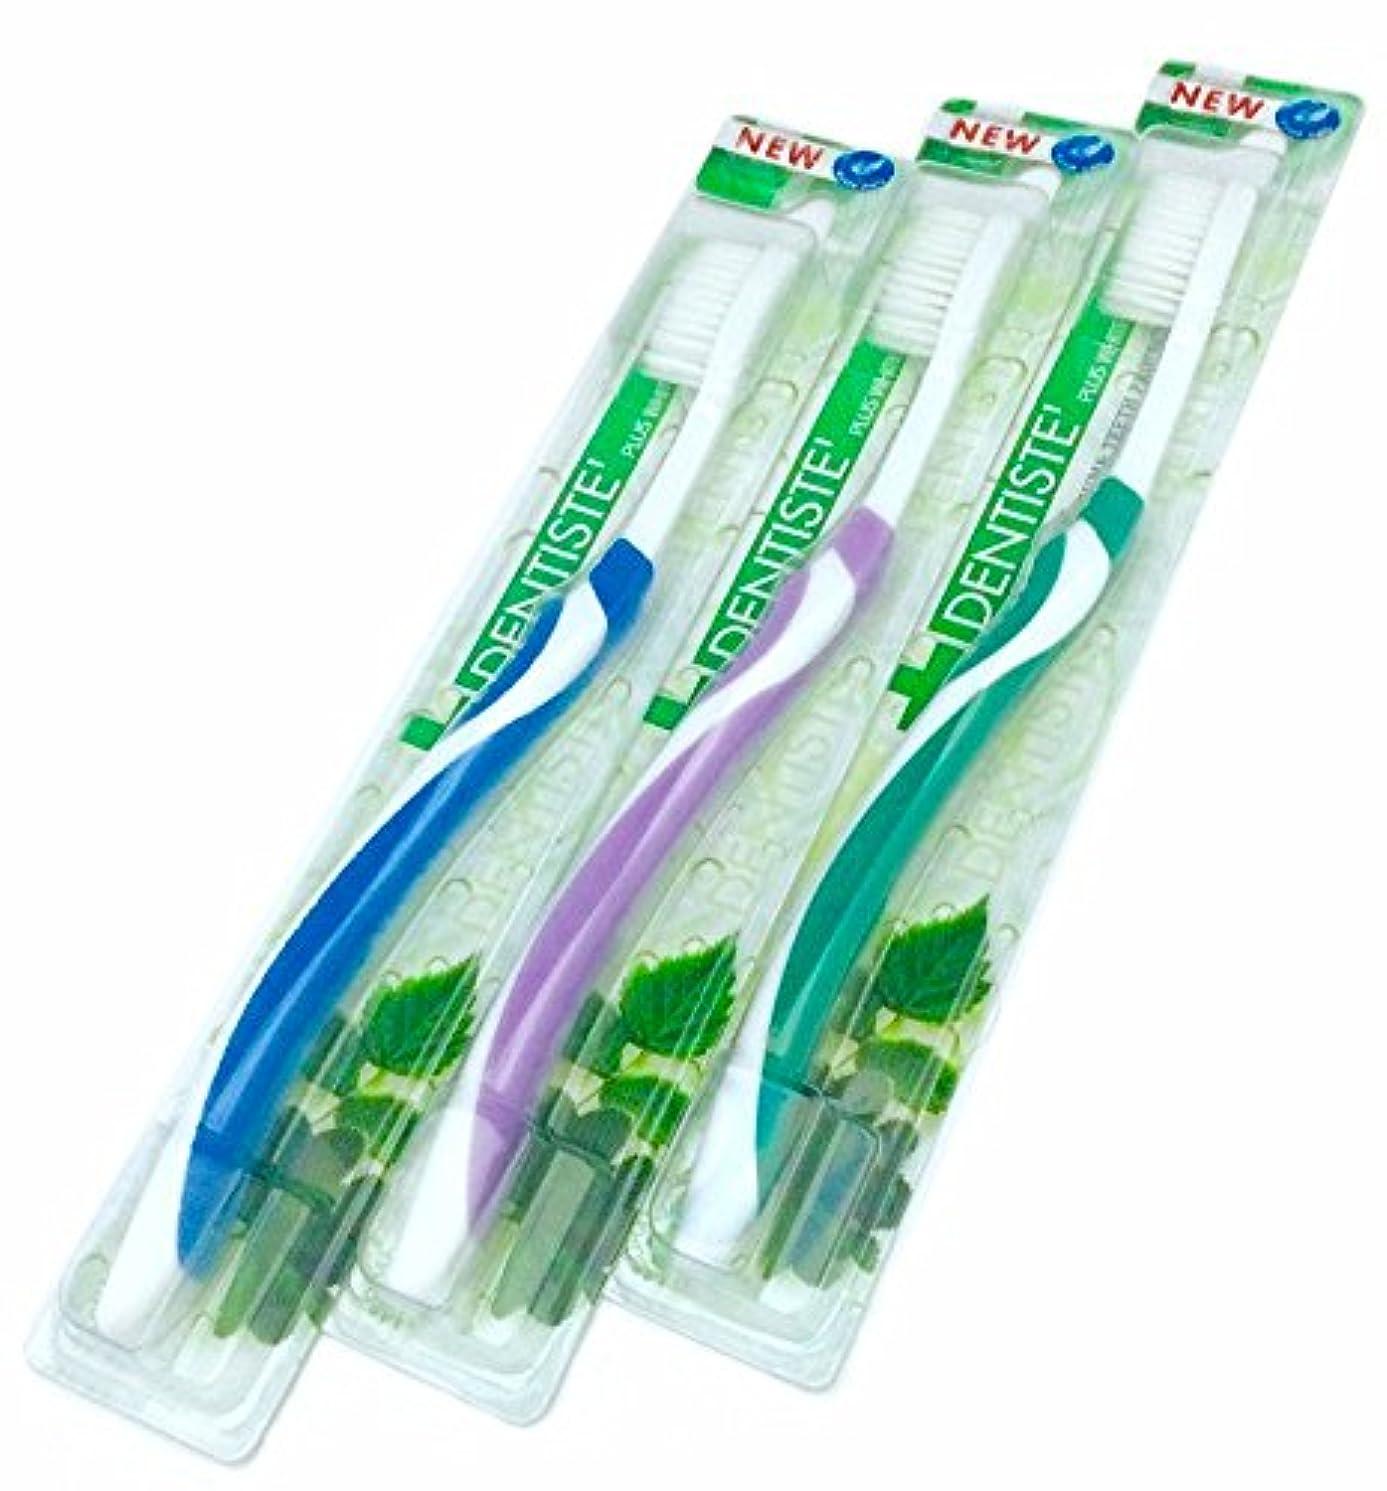 ご注意農奴条約(デンティス)DENTISTE 歯ブラシ 3本セット